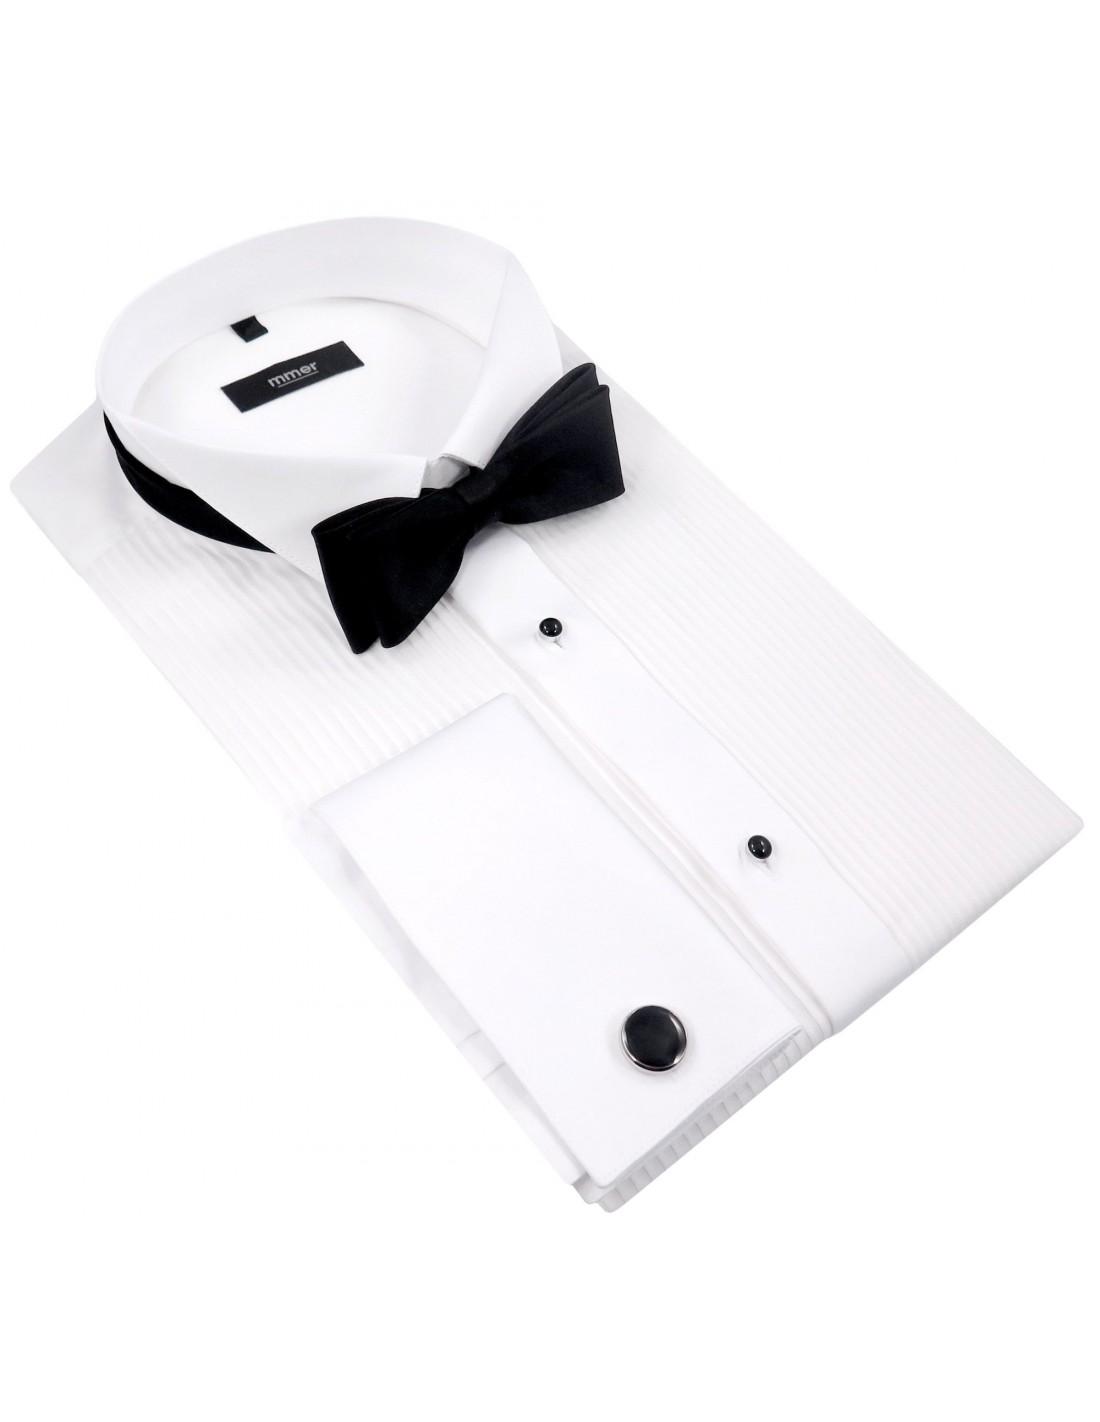 f24419f572e0f4 Biała koszula smokingowa z plisami Mmer 100 | Sklep Internetowy ...